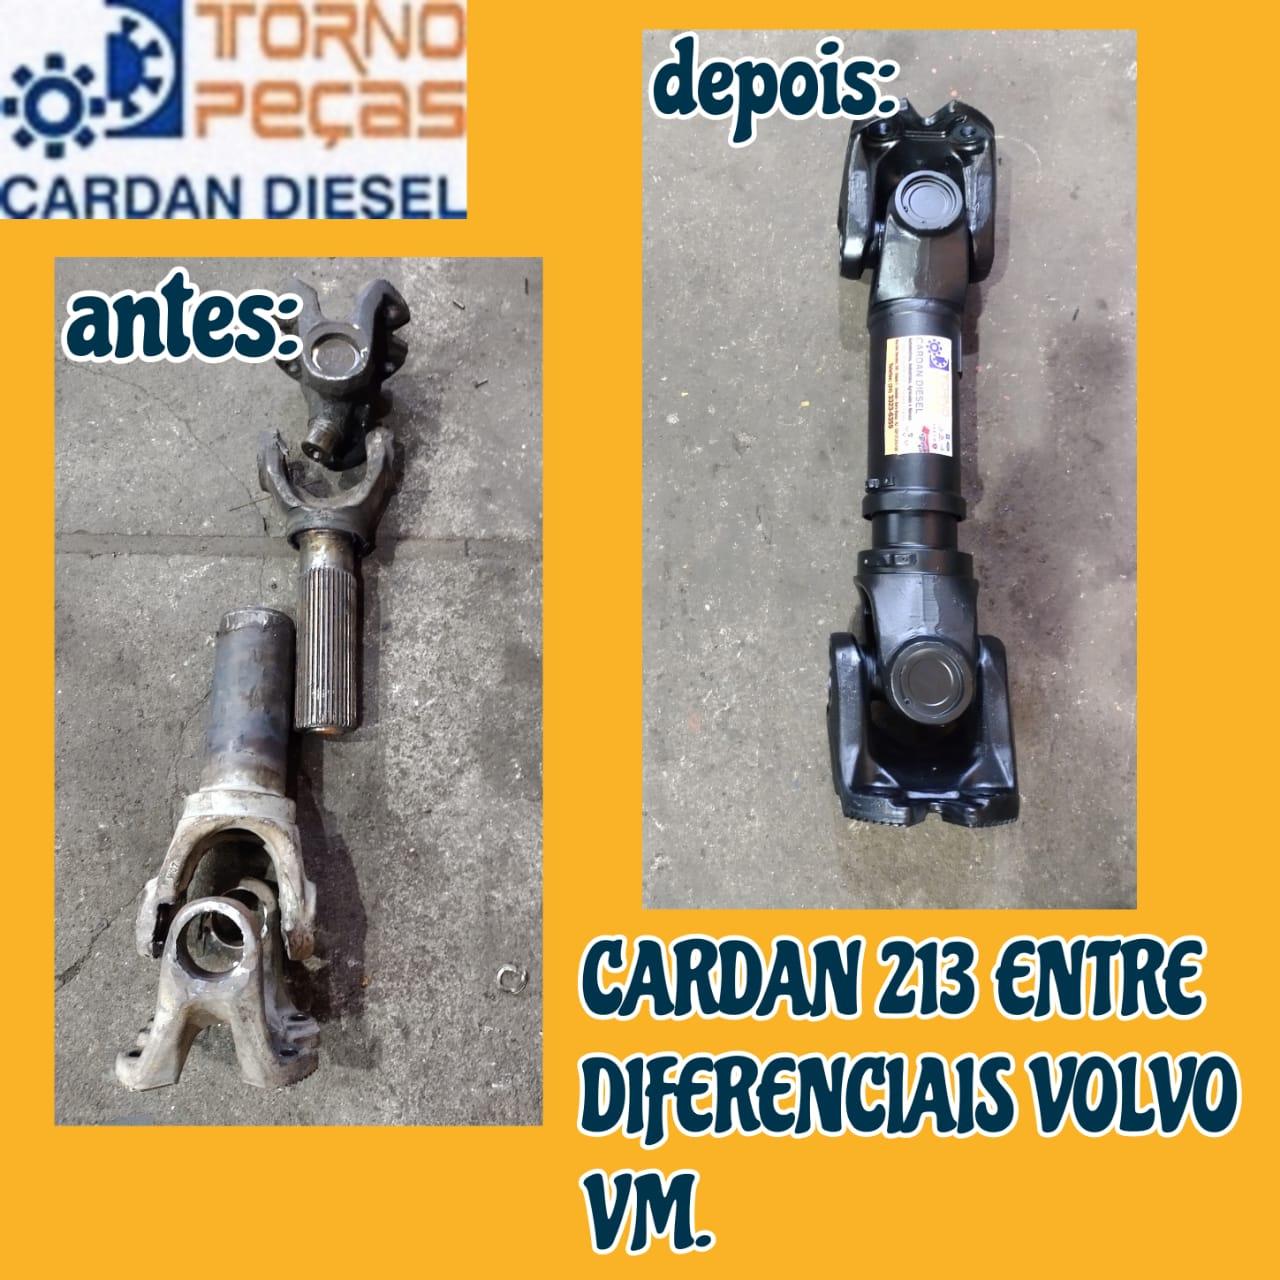 CARDAN AUTOMOTIVO INDUSTRIAL AGRÍCOLA E NAVAL NO RIO DE JANEIRO RJ